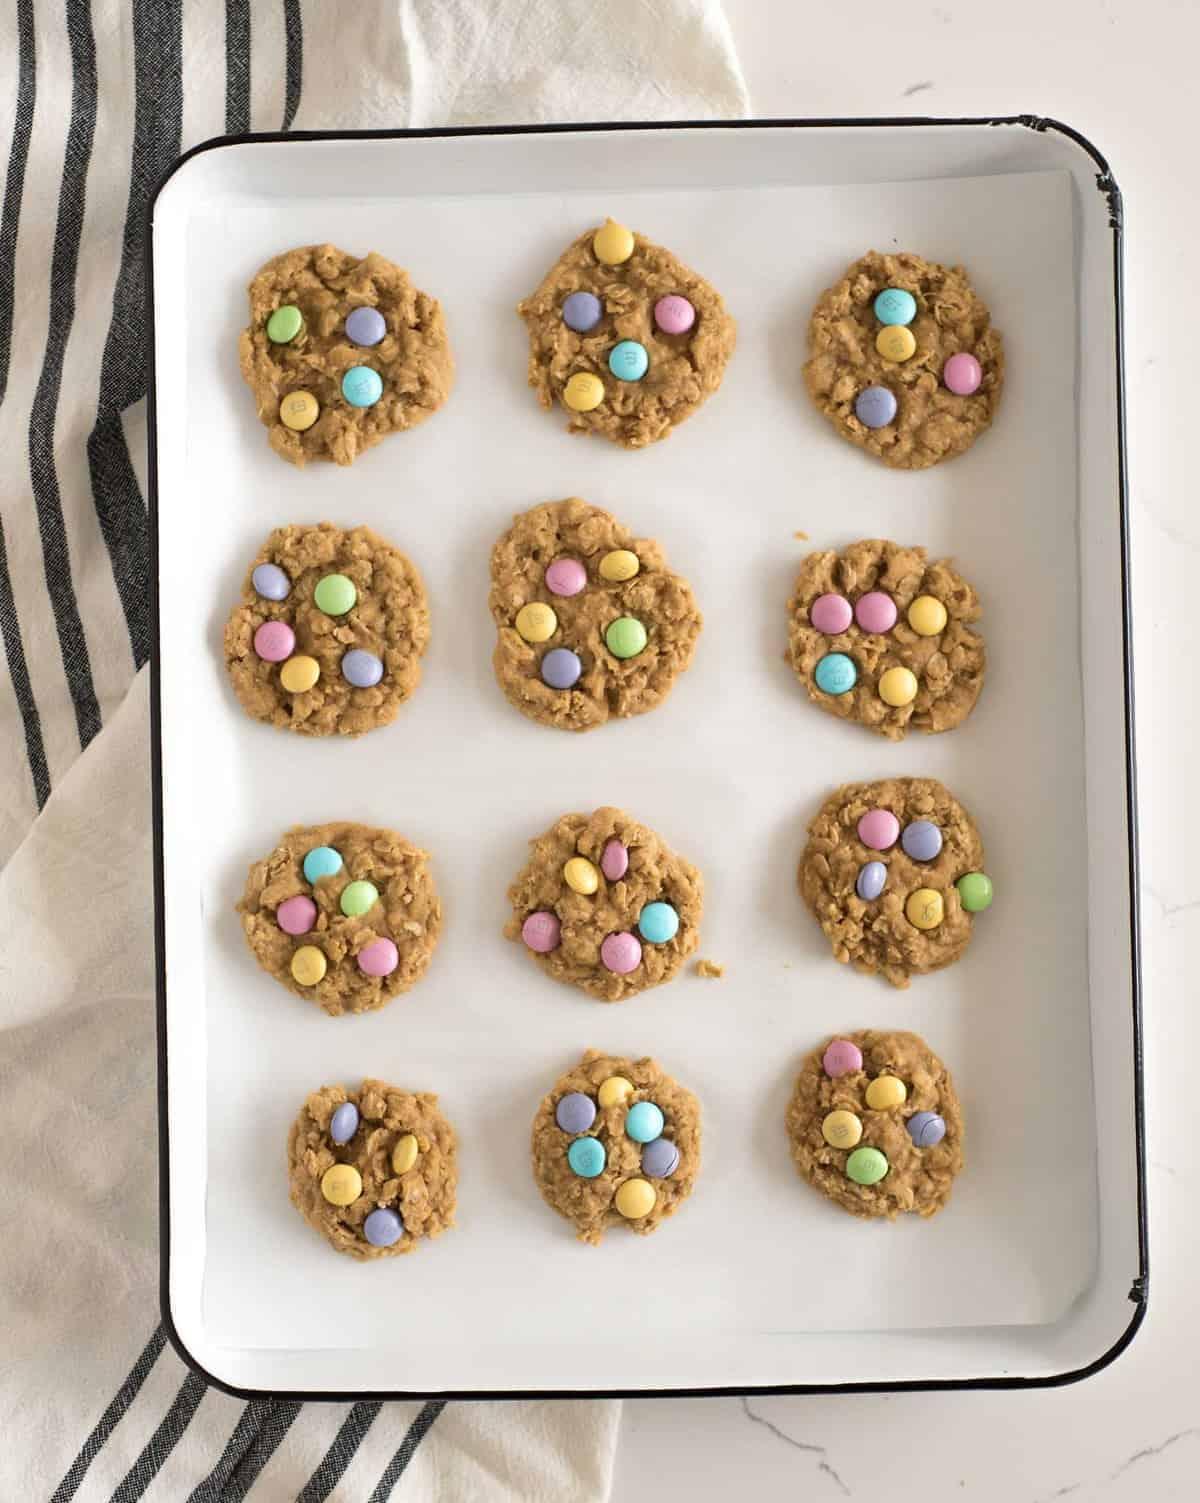 Easy Homemade Oatmeal Cookies